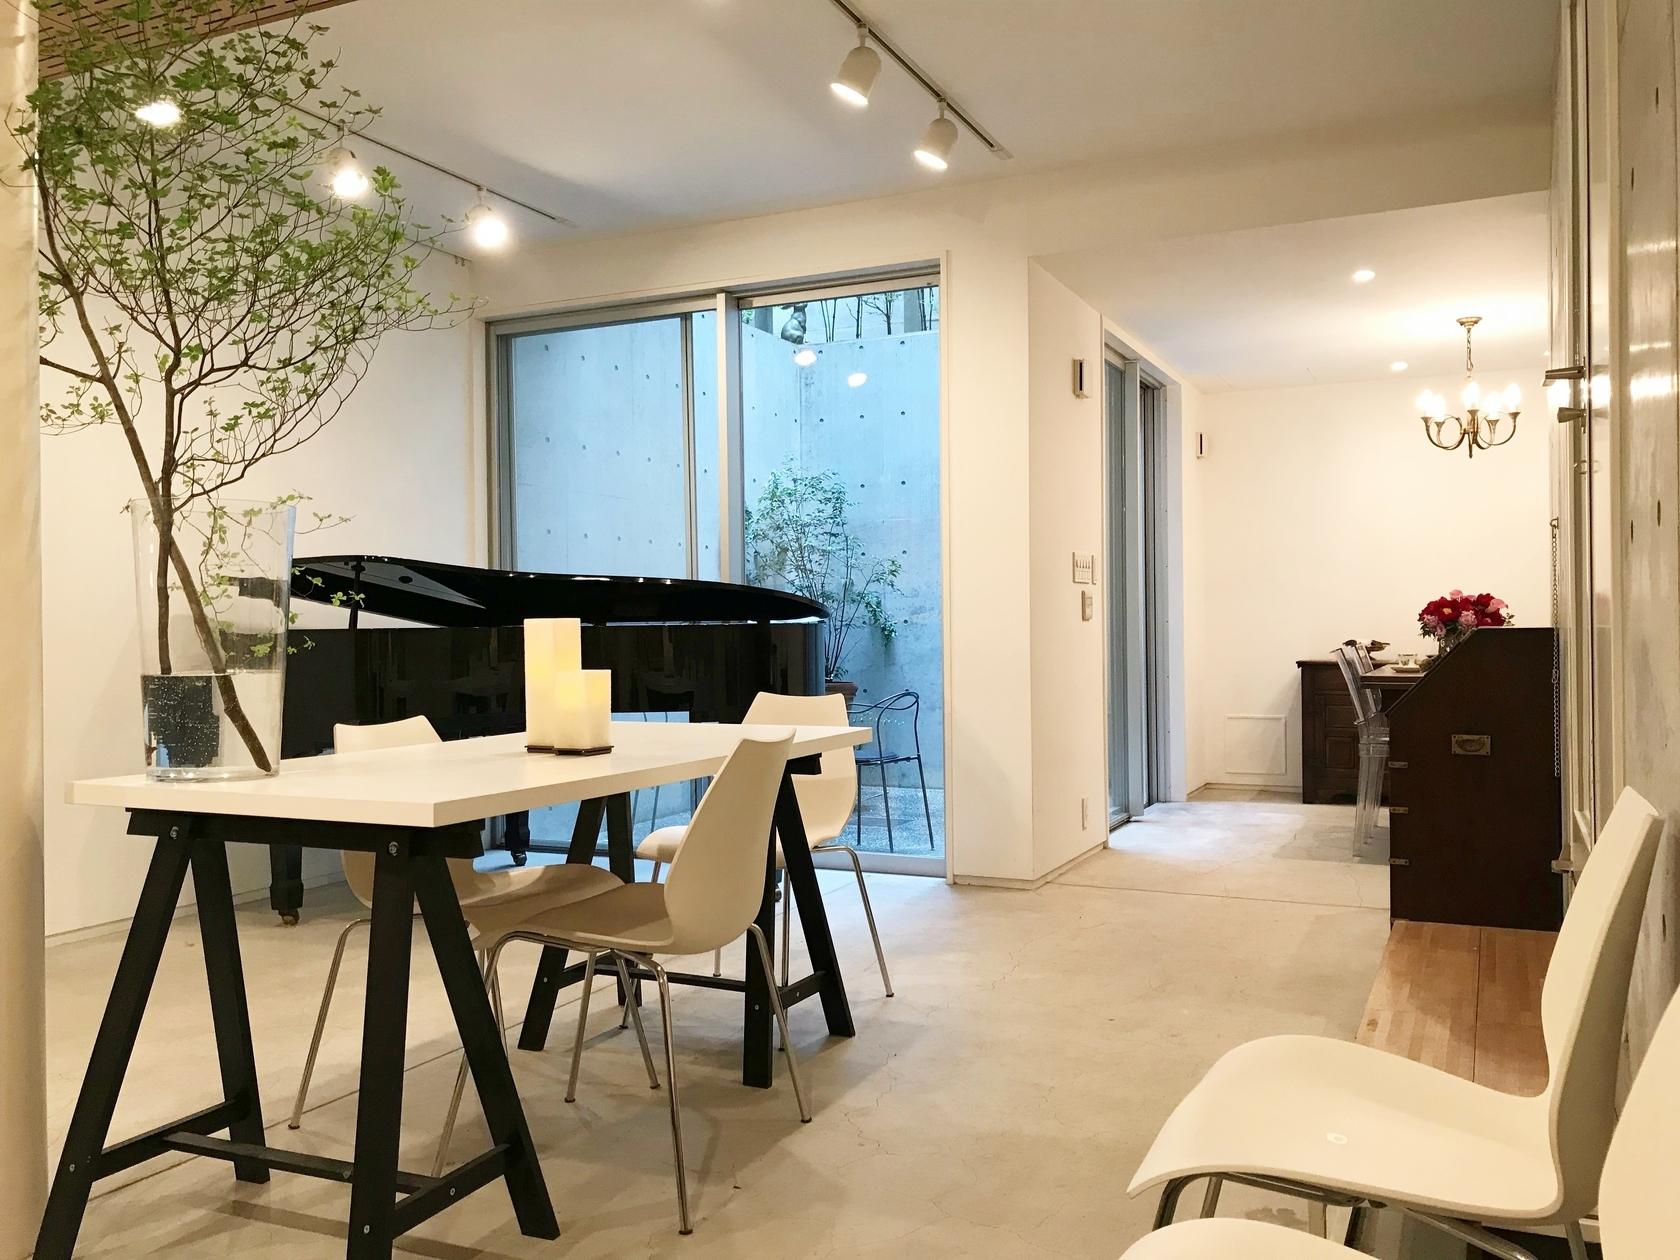 [代官山徒歩6分/駐車1台可]グランドピアノのある隠れ家的スペース。会議・楽器練習・女子会・子連れパーティー・コスプレ撮影会(サロット代官山) の写真0